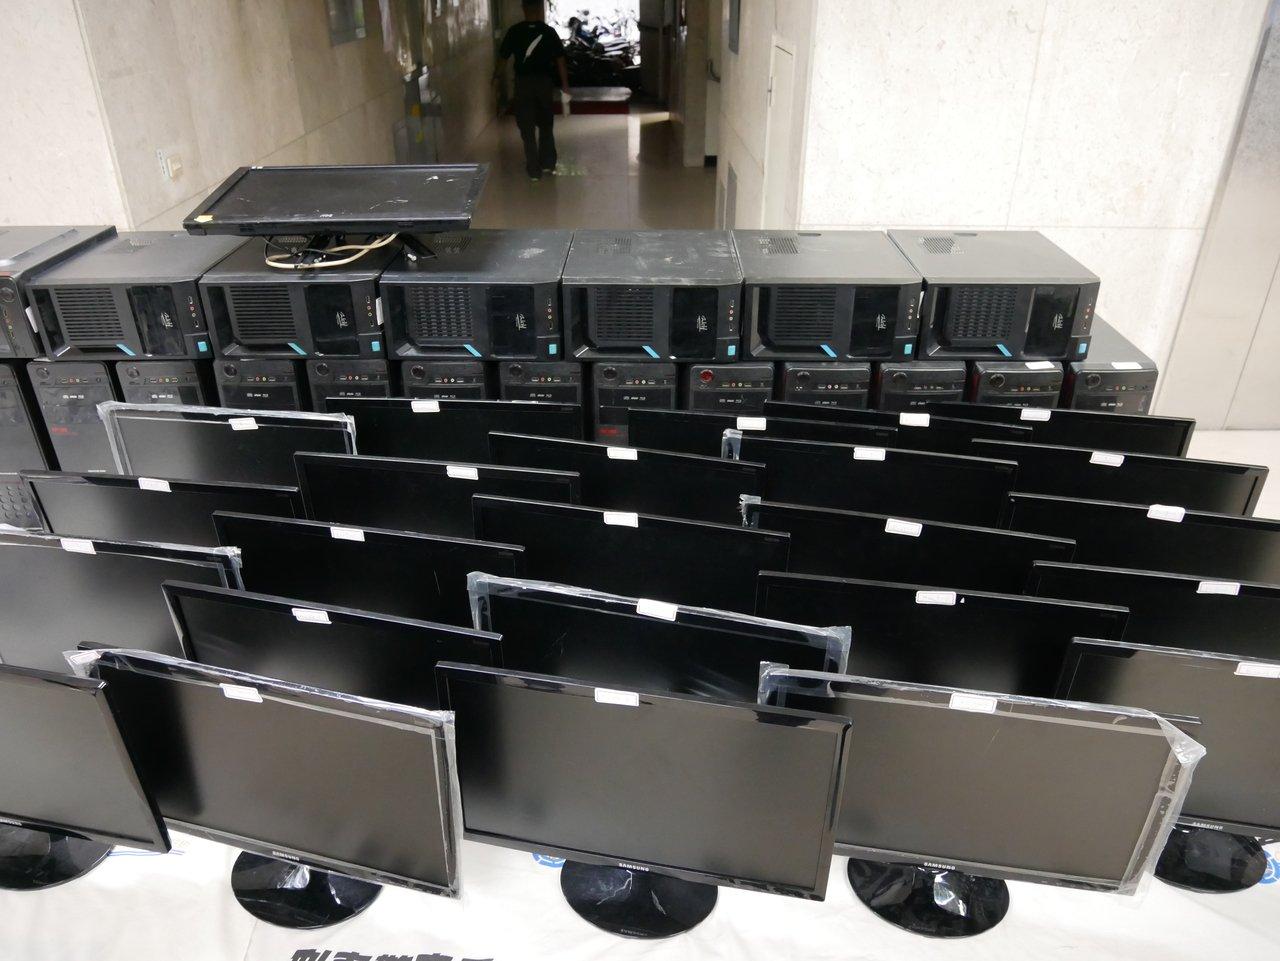 詐團透過通訊軟體騙大陸民眾,警方查扣24台電腦犯罪工具。記者陳金松/攝影